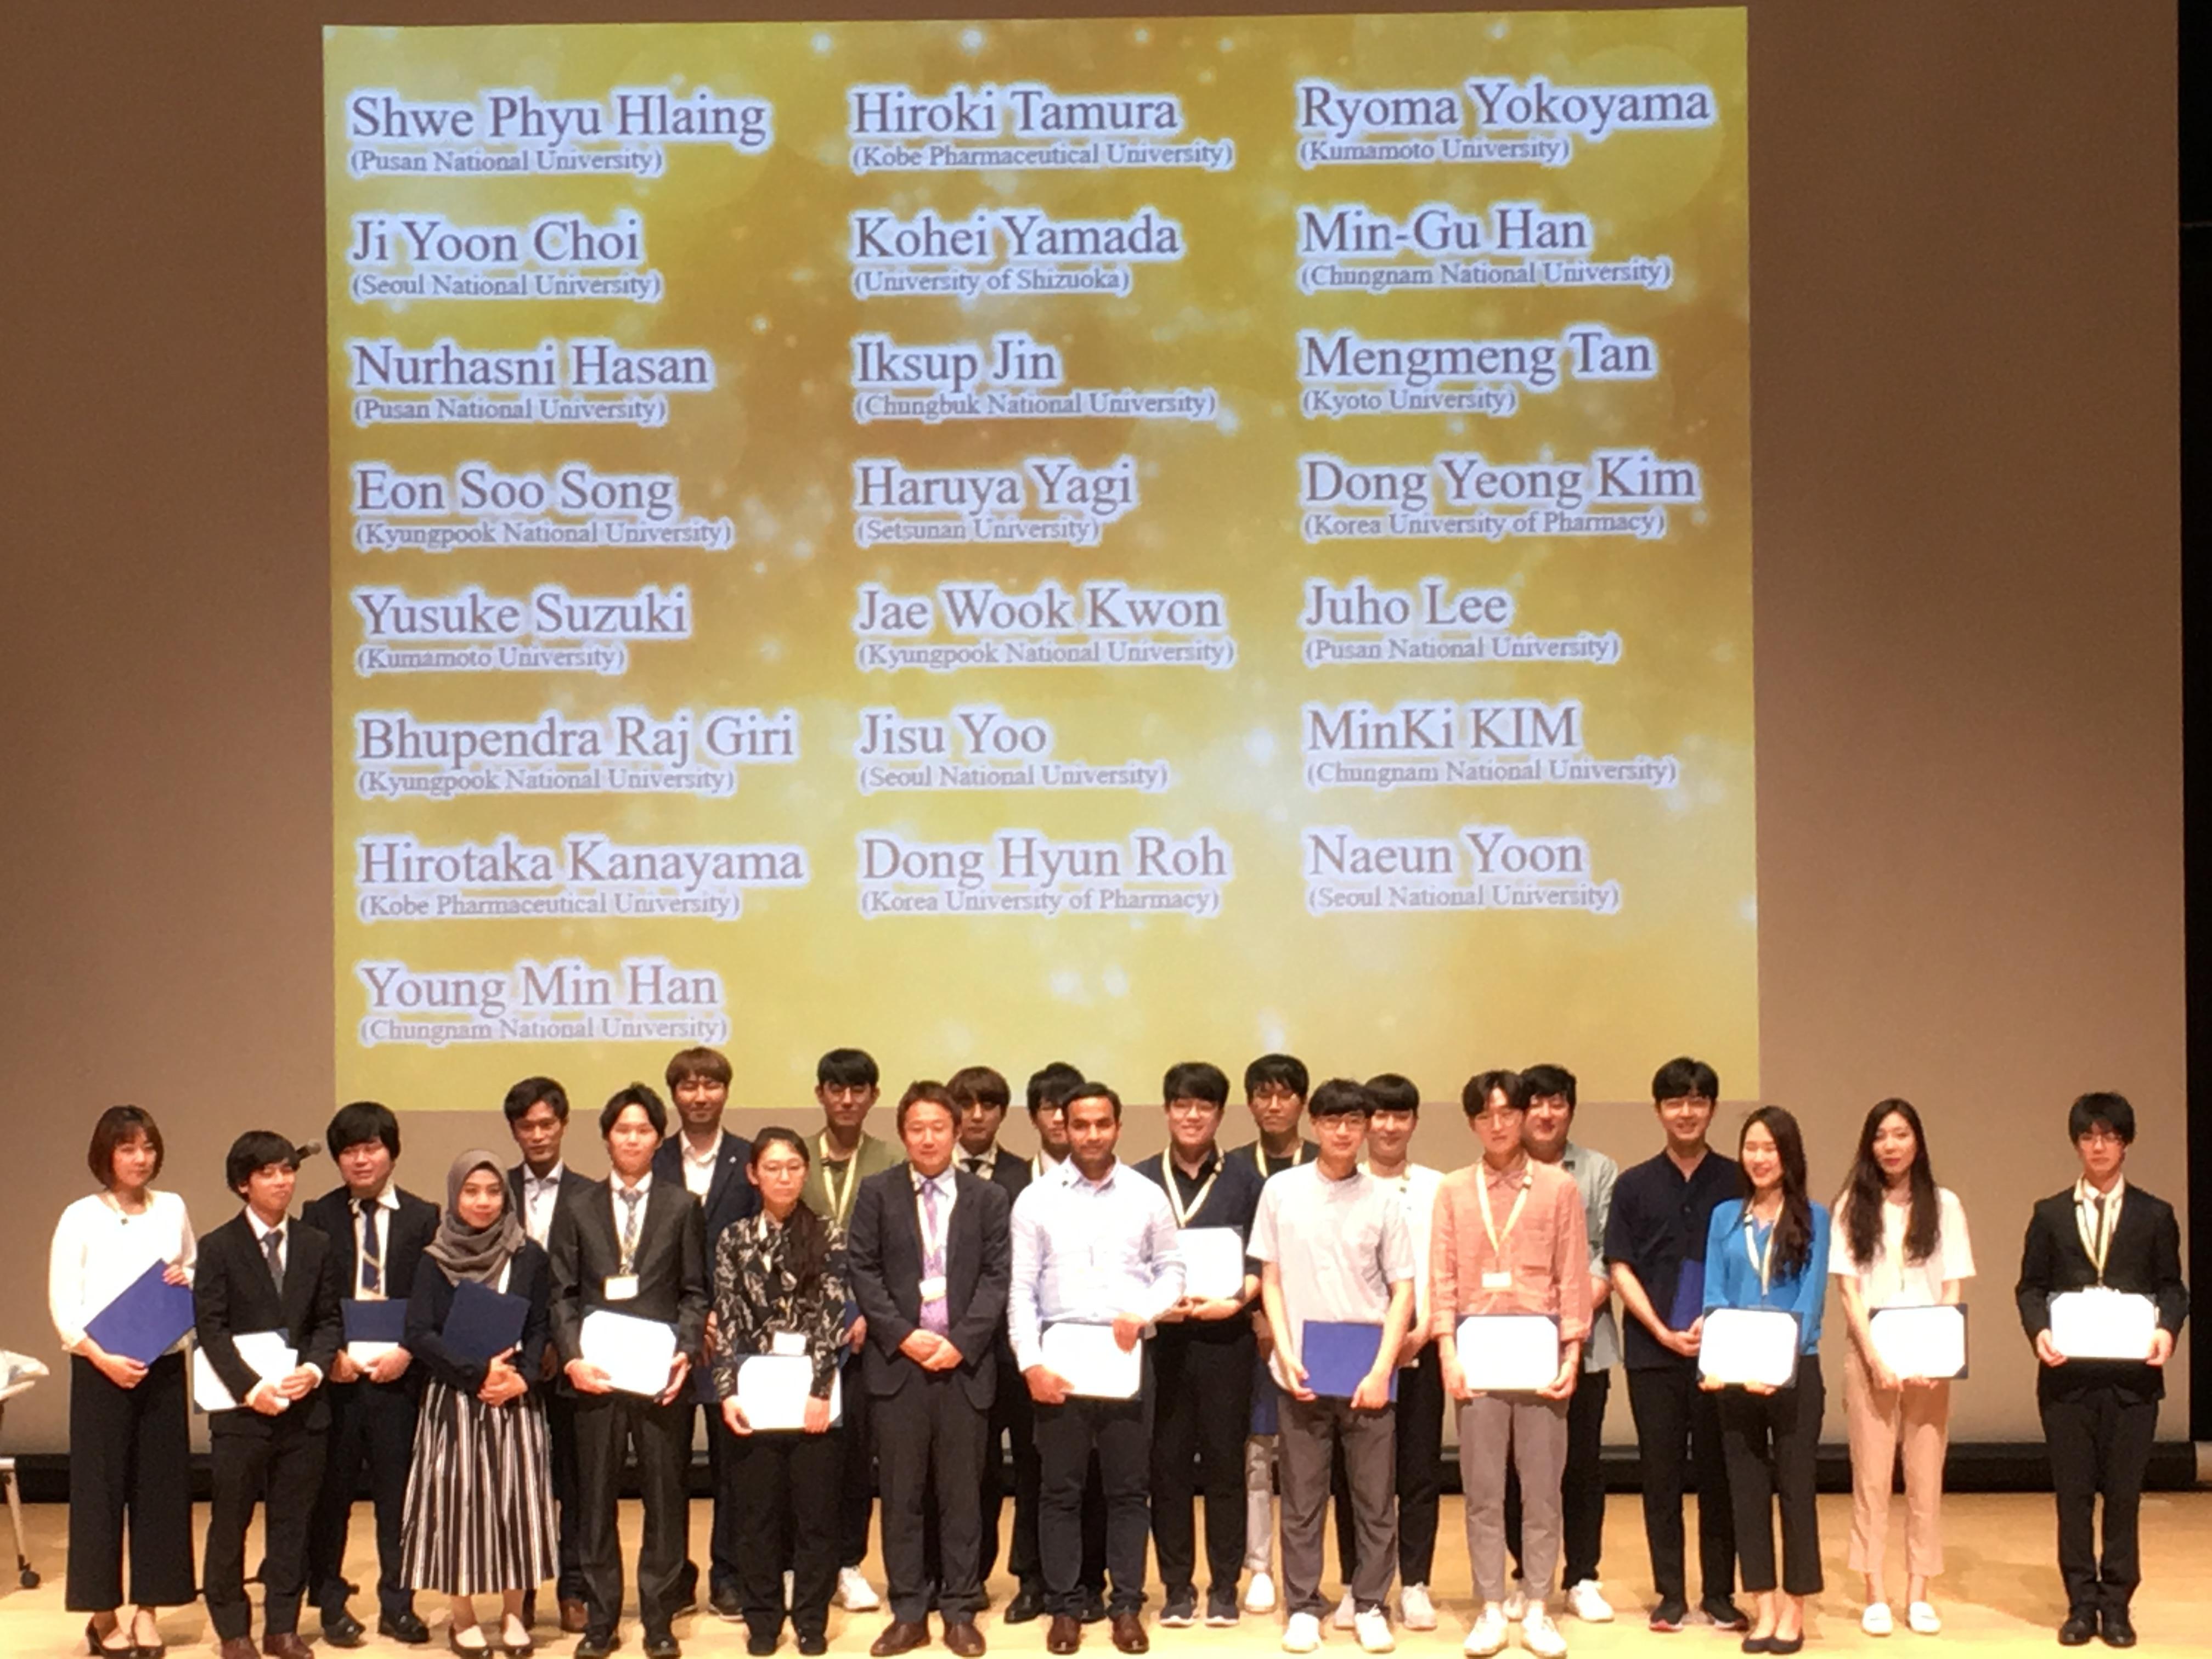 記事 第 3 回日韓若手薬剤学研究者ワークショップで 田村大樹くん、金山裕孝くんが Travelship Award を受賞しました。のアイキャッチ画像